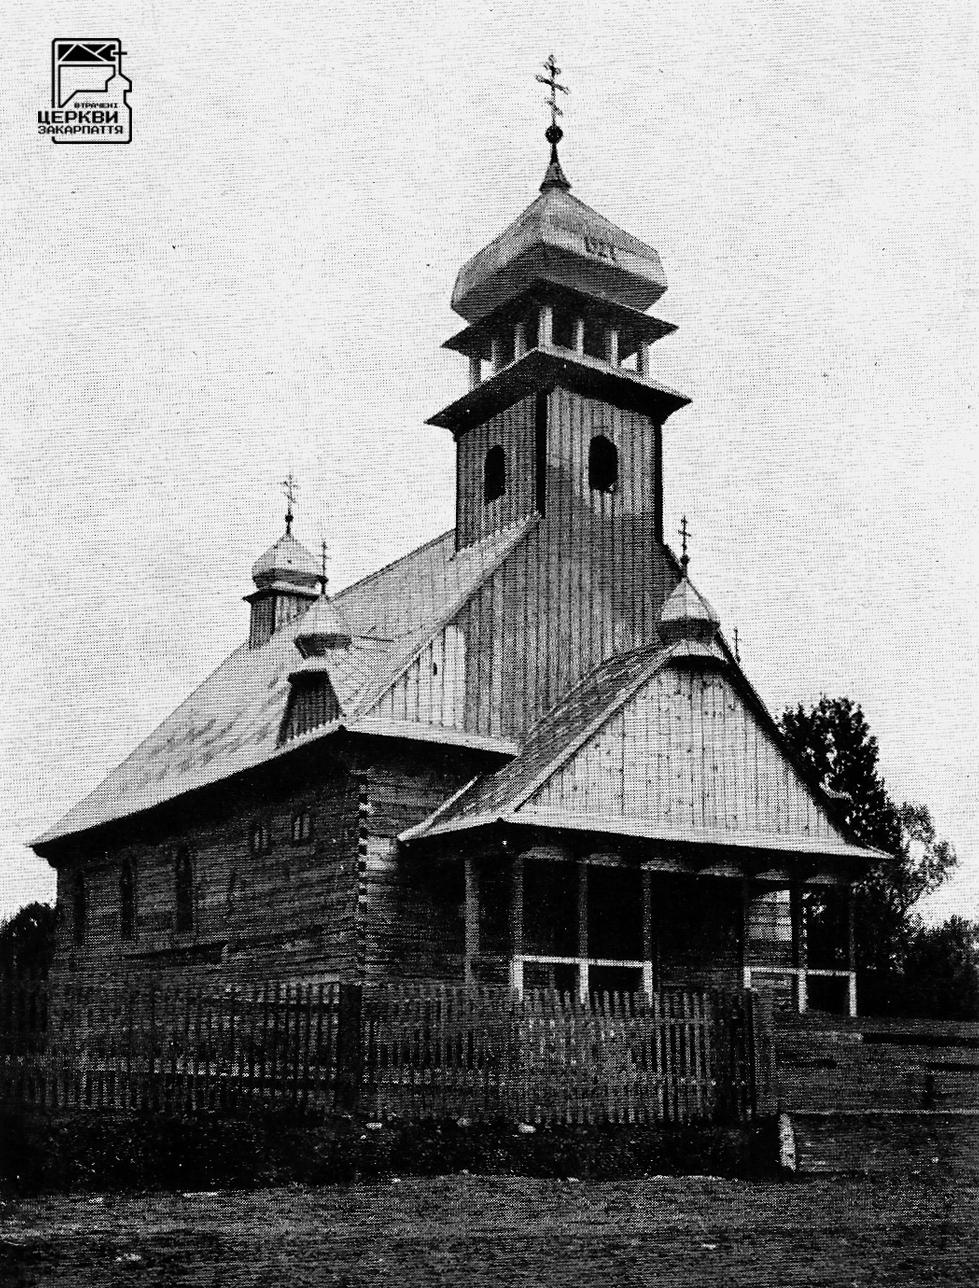 Православна церква Покрови Пресвятої Богородиці, КРИВА, село